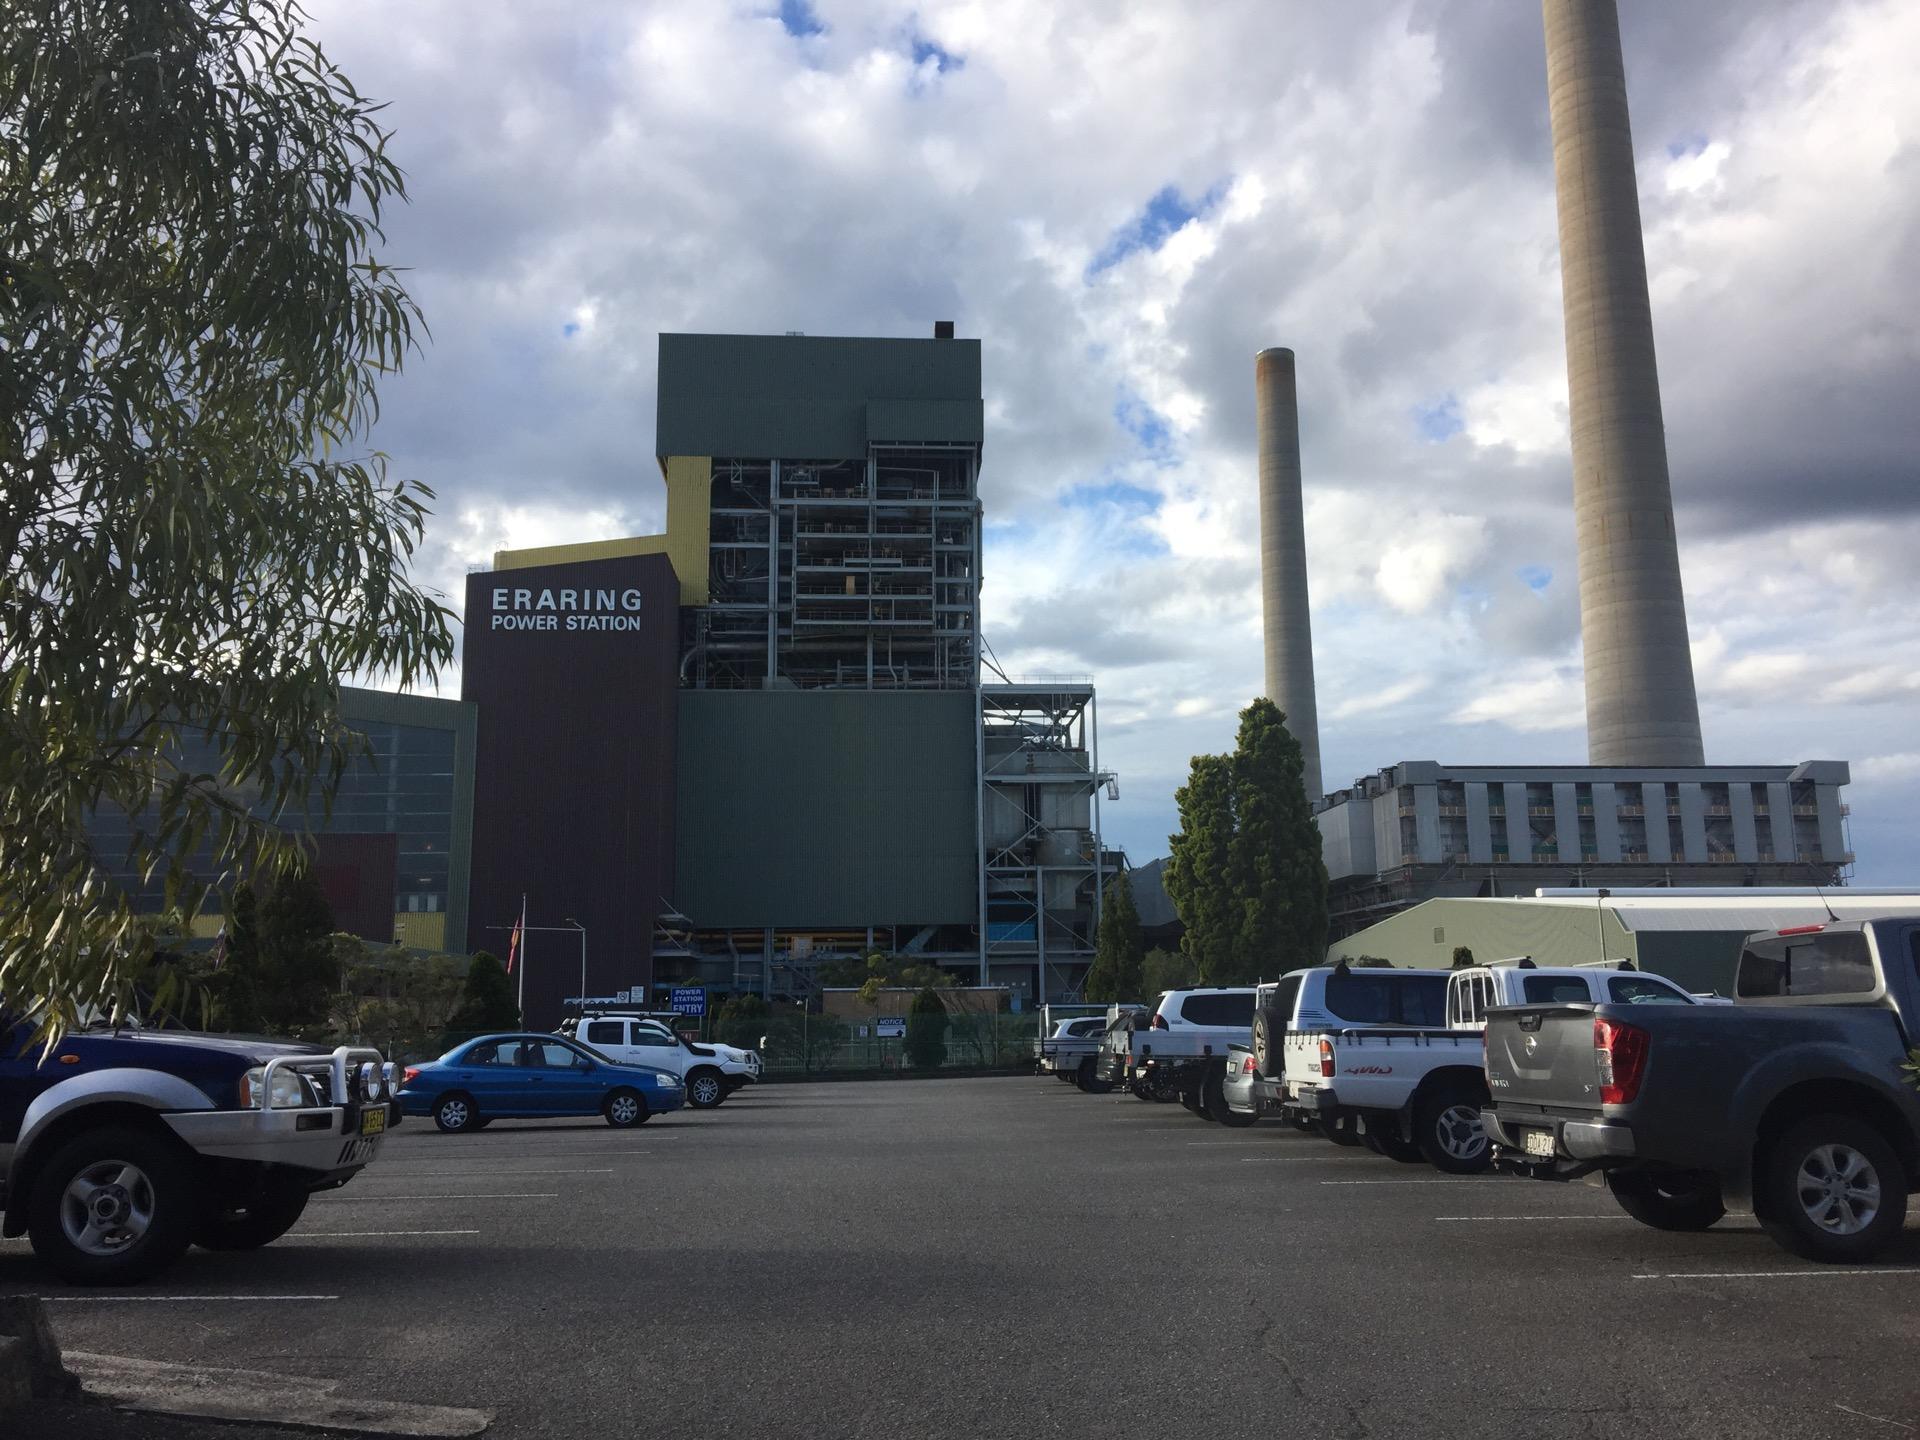 Kraftwerk Eraring | Rocky point road, Eraring, New South Wales 2264 | +61 2 4973 0700